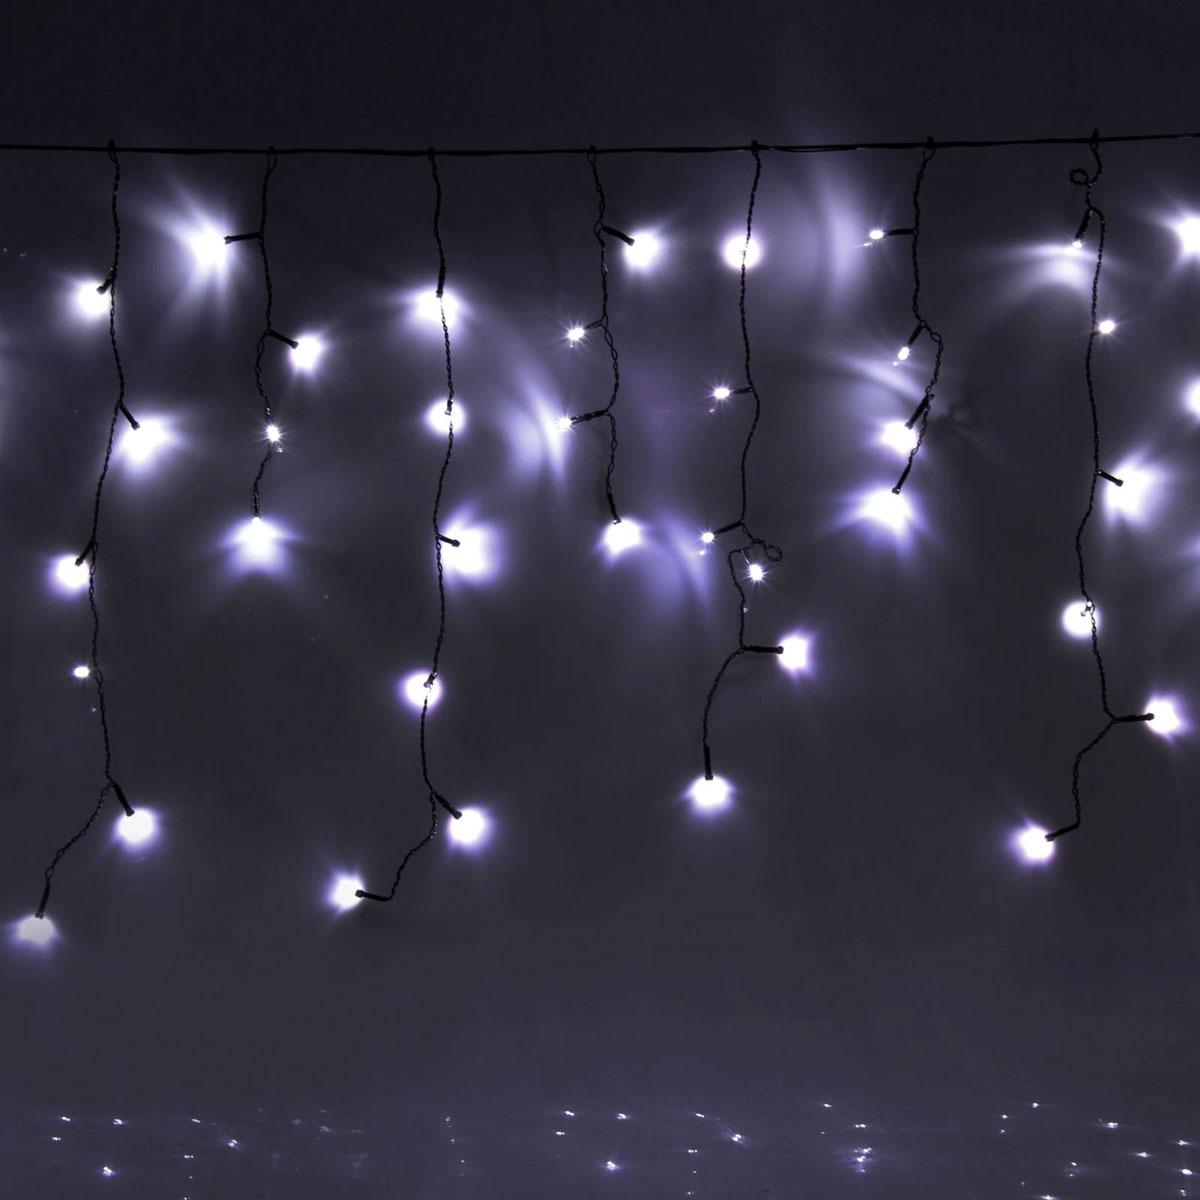 Гирлянда светодиодная Luazon Бахрома, уличная, 8 режимов, 60 ламп, 220V, цвет: белый, 1 х 0,6 м. 705906705906Светодиодные гирлянды, ленты и т.д — это отличный вариант для новогоднего оформления интерьера или фасада. С их помощью помещение любого размера можно превратить в праздничный зал, а внешние элементы зданий, украшенные ими, мгновенно станут напоминать очертания сказочного дворца. Такие украшения создают ауру предвкушения чуда. Деревья, фасады, витрины, окна и арки будто специально созданы, чтобы вы украсили их светящимися нитями.